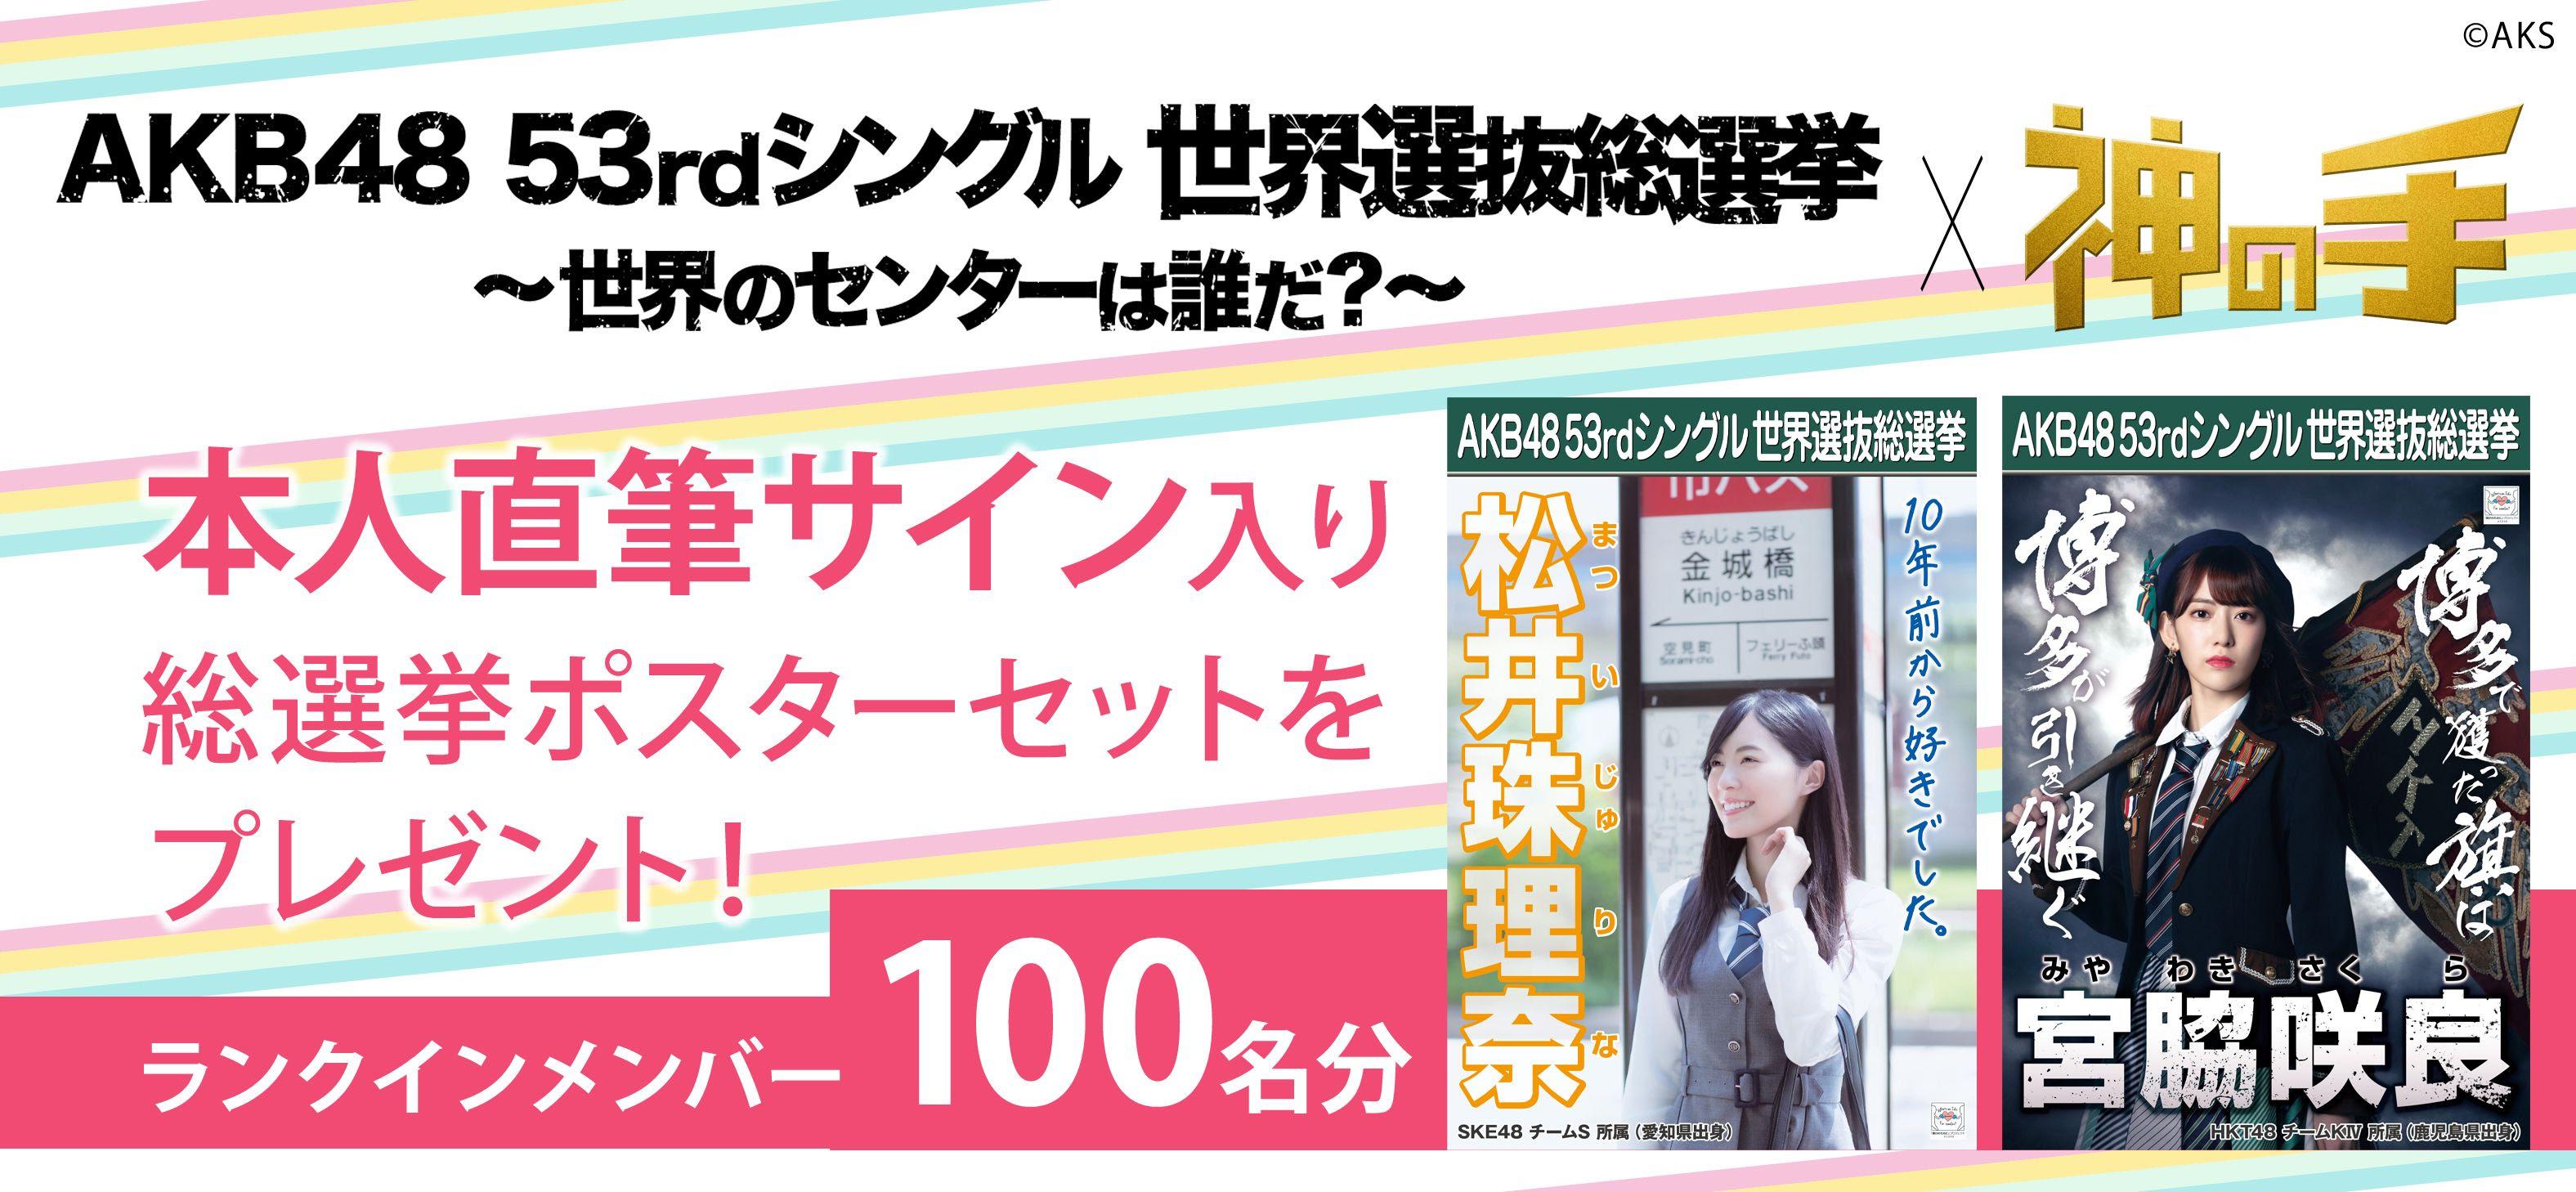 第10回AKB48 世界選抜総選挙コラボ第1弾スタート 「神の手」限定!ランクインメンバー100名の 直筆サイン入り総選挙ポスターをプレゼント